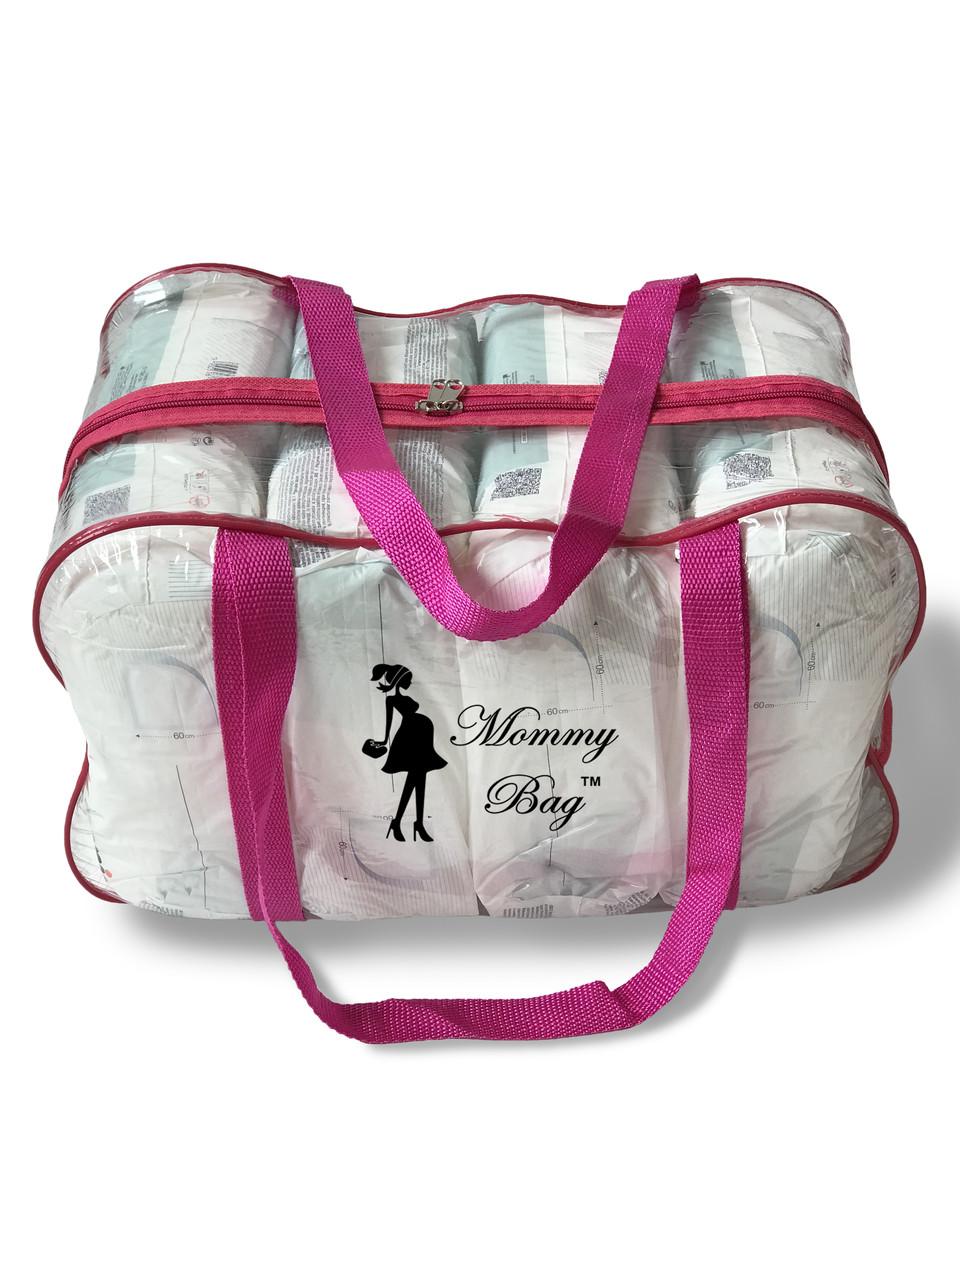 Сумка прозрачная в роддом Mommy Bag - M - 40*25*20 см Розовая